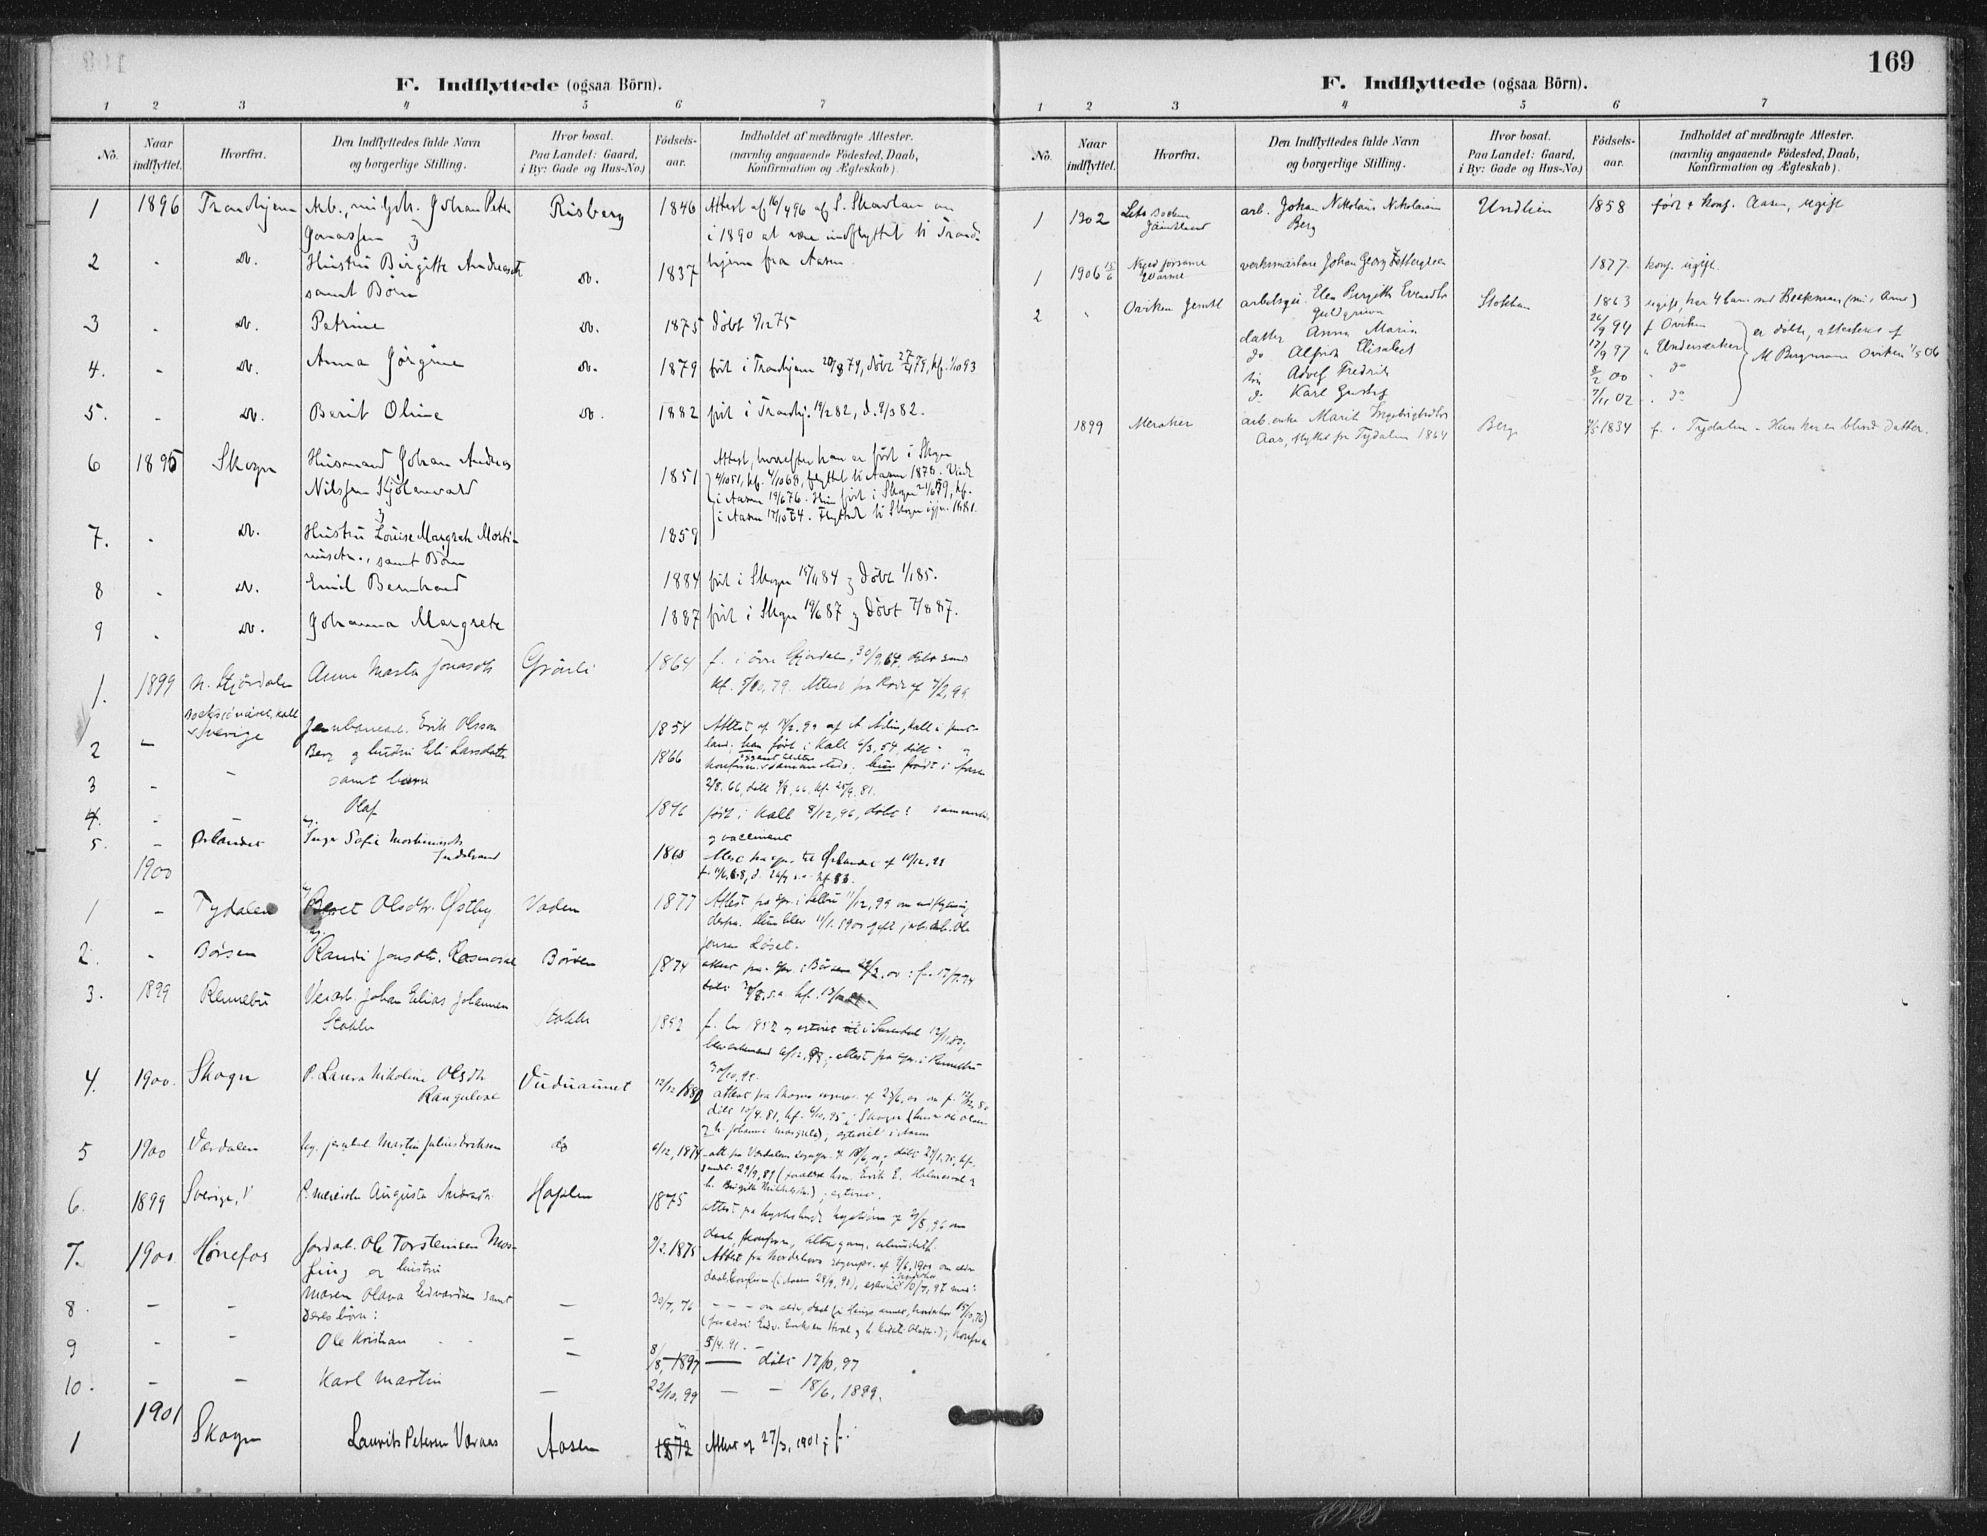 SAT, Ministerialprotokoller, klokkerbøker og fødselsregistre - Nord-Trøndelag, 714/L0131: Ministerialbok nr. 714A02, 1896-1918, s. 169